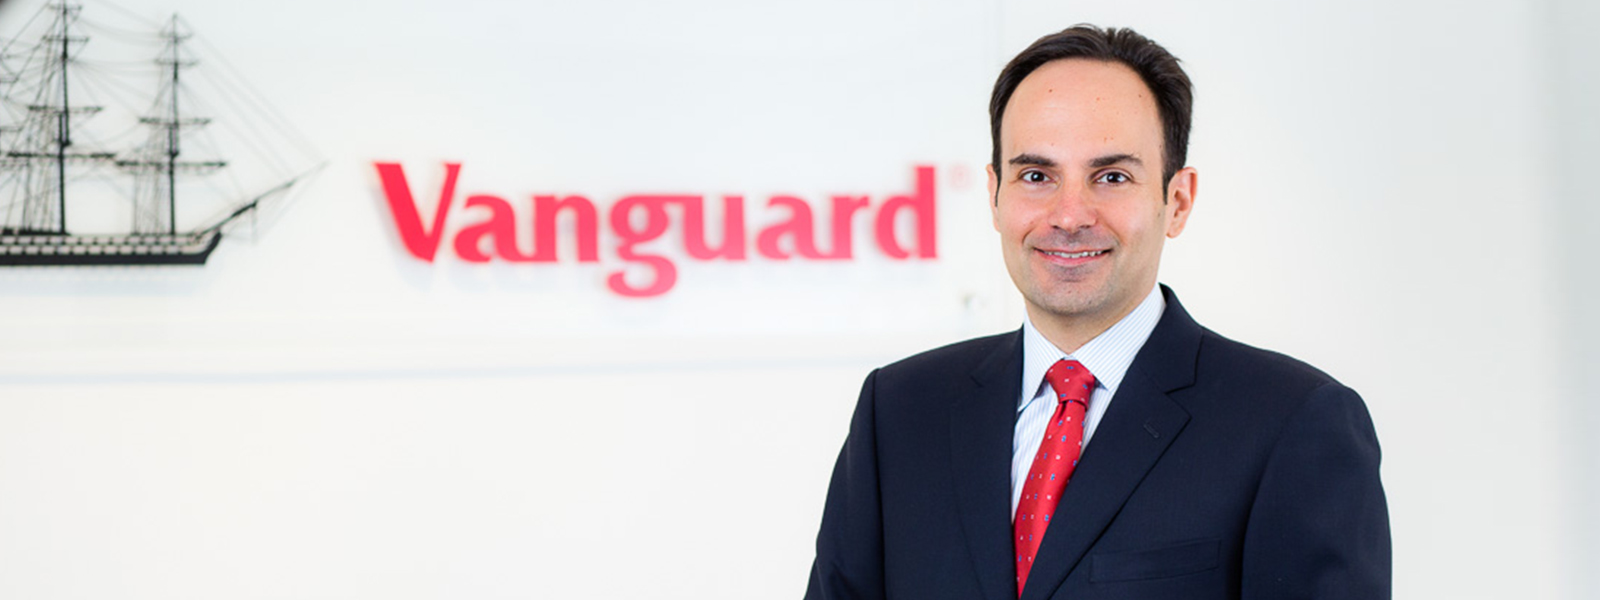 Vanguard investing passion